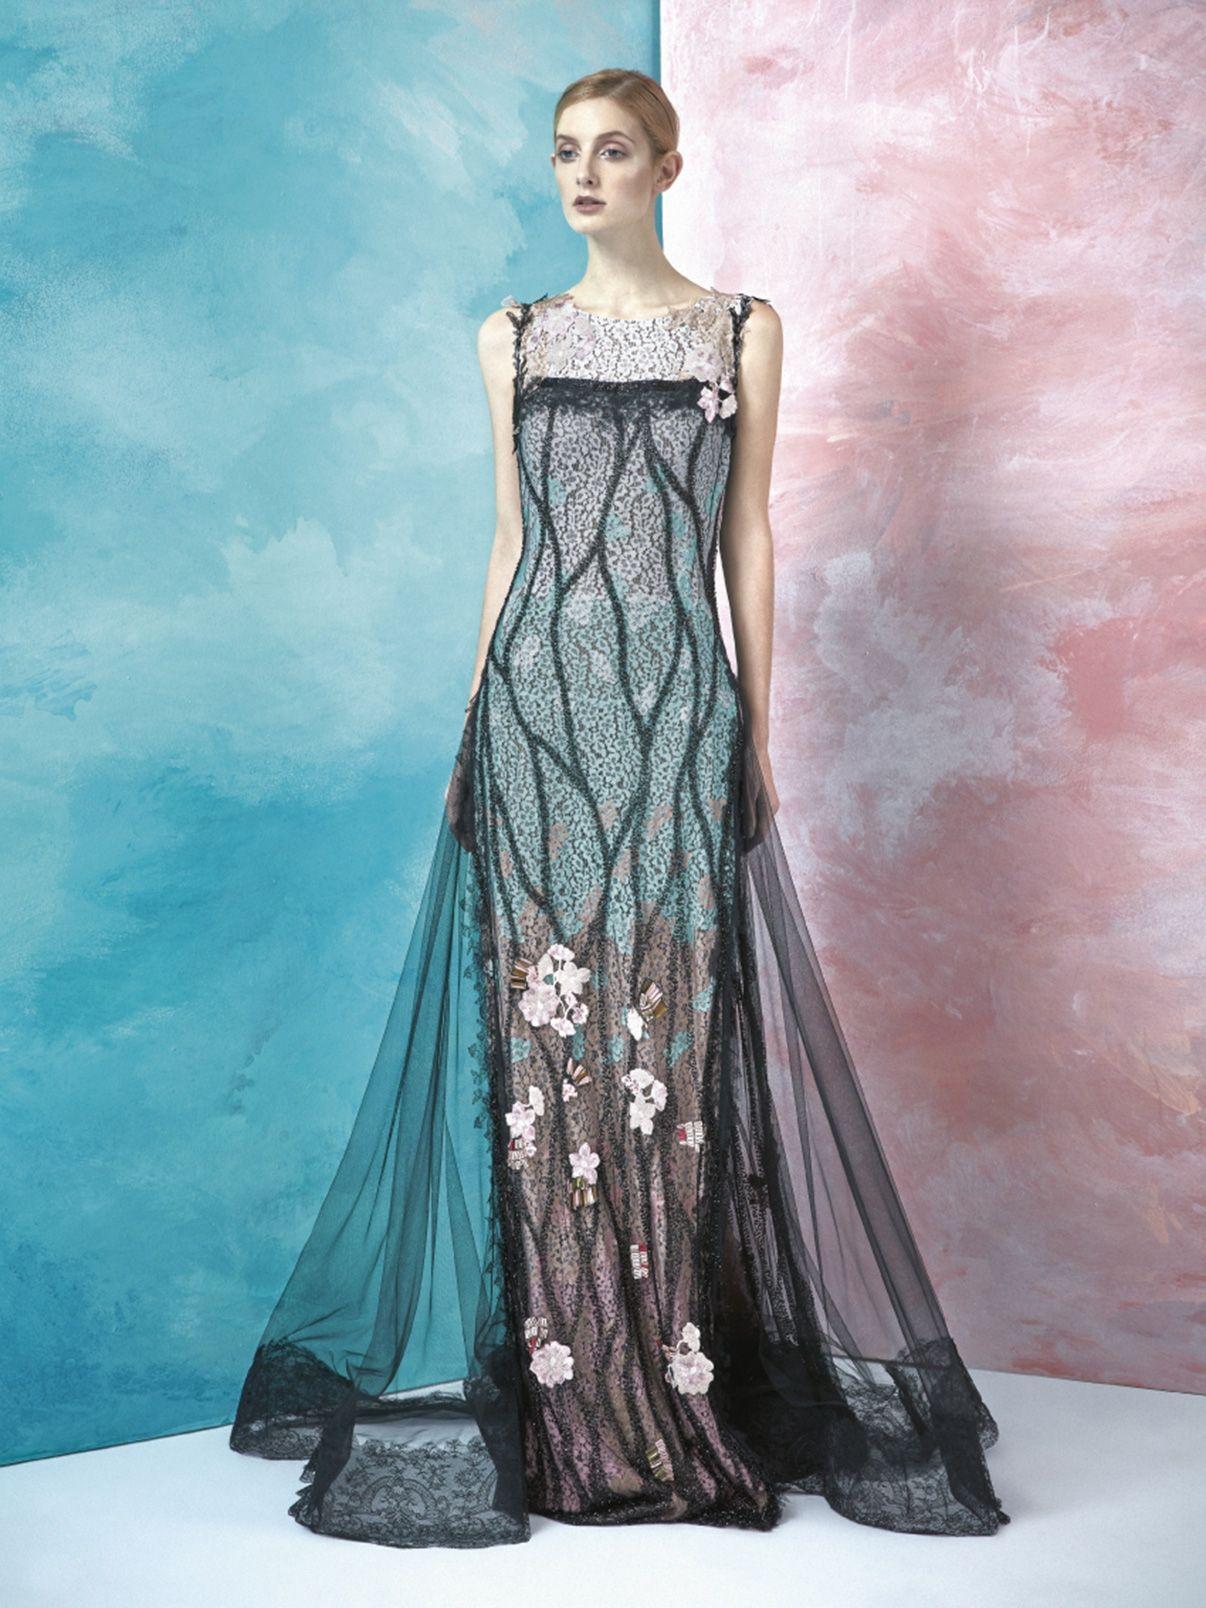 Colorful Vestidos De Novia Yolancris Gift - All Wedding Dresses ...